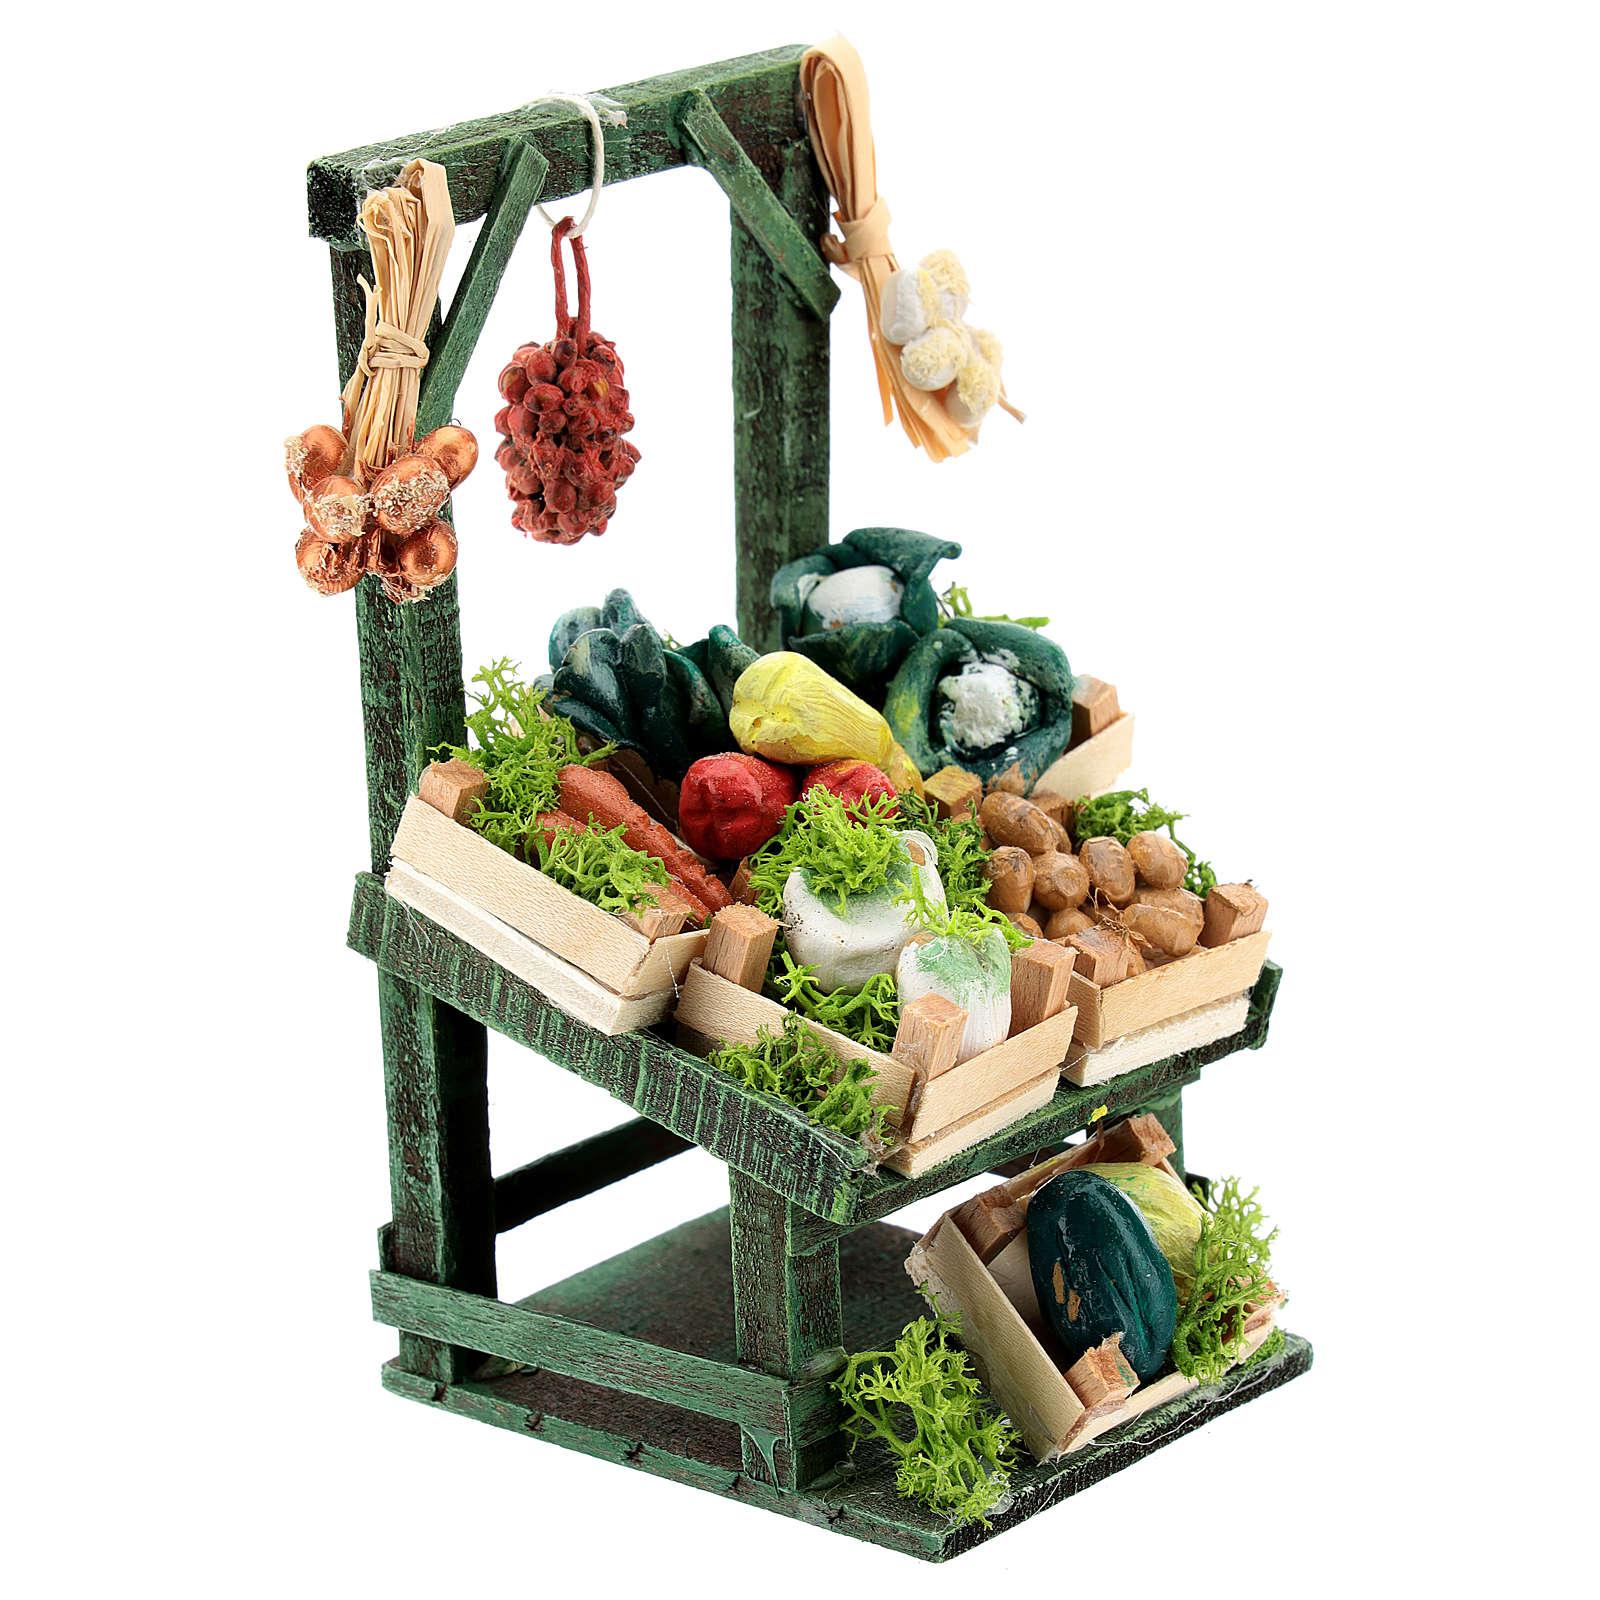 Mostrador inclinado verdura en cajitas para belén napolitano de 6-8 cm 4